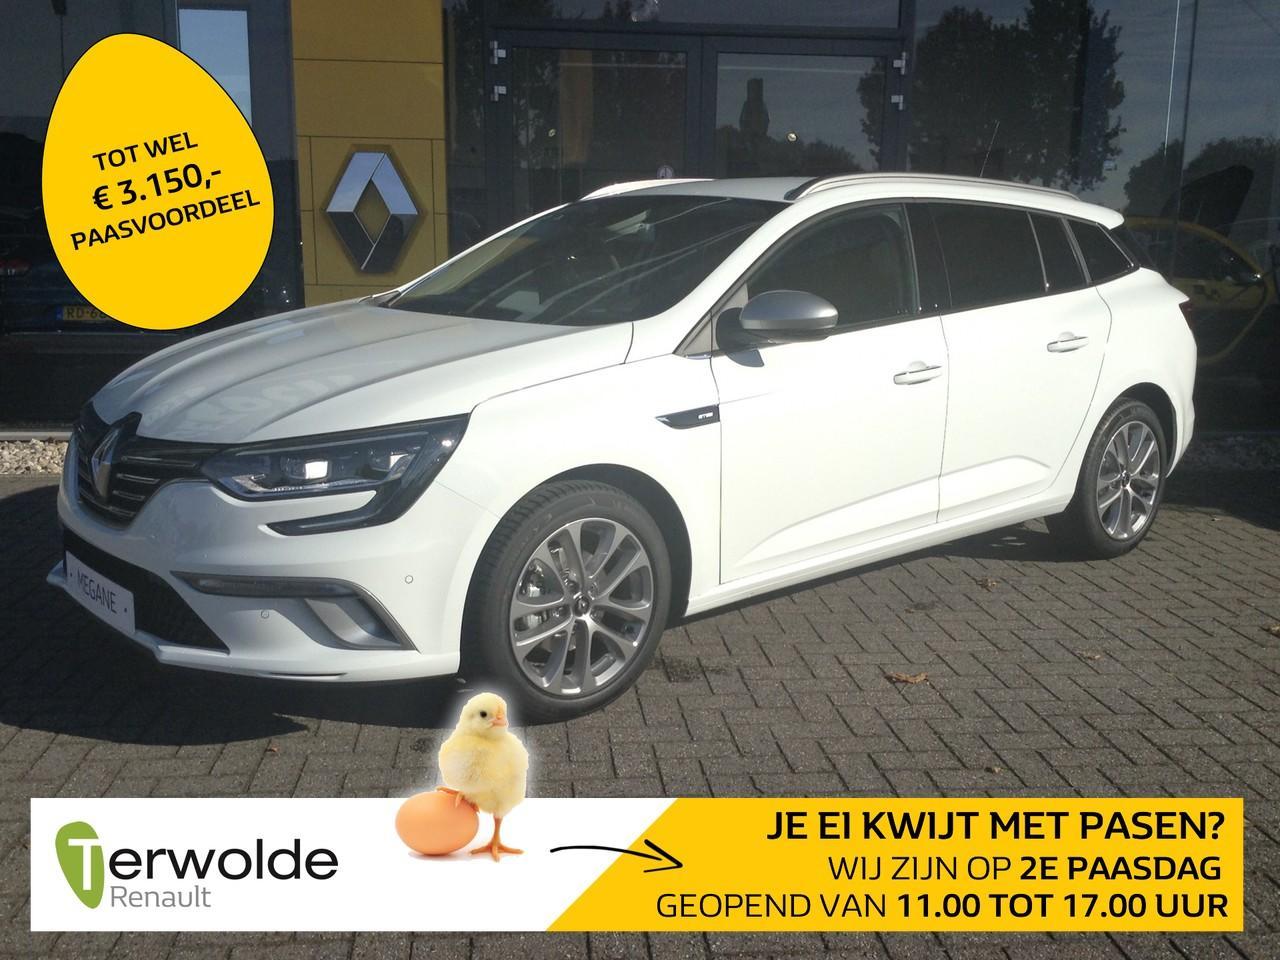 Renault Mégane Estate tce 140 gt-line nieuw en uit voorraad leverbaar! financieren tegen 3,9% rente !  eur 3.459,- korting!